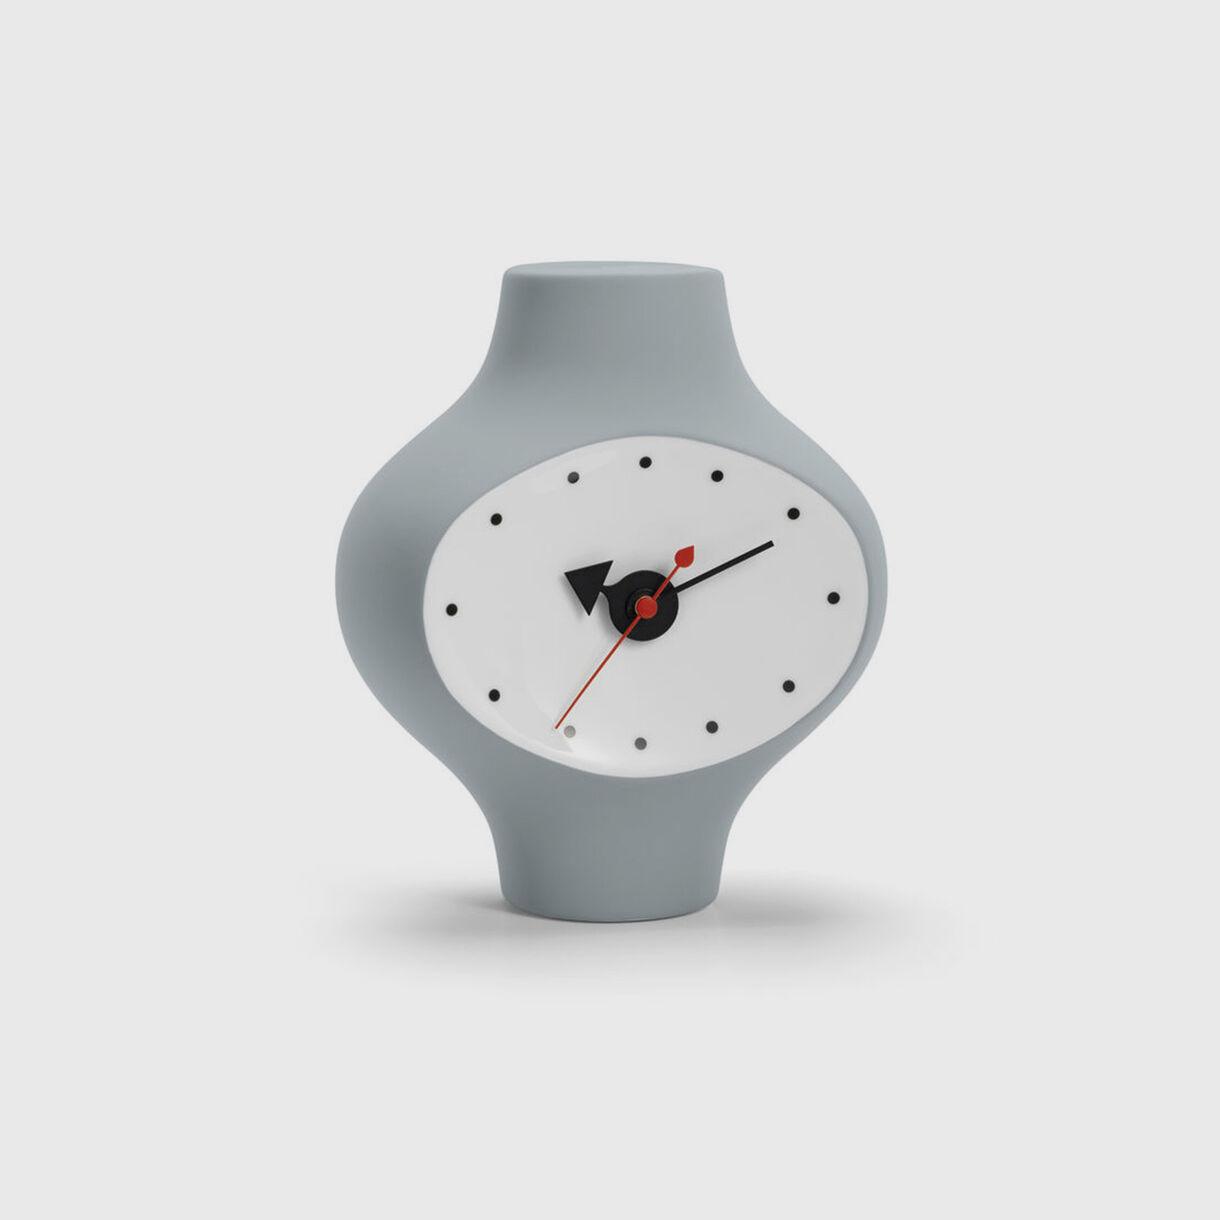 Ceramic Clock, Model #3